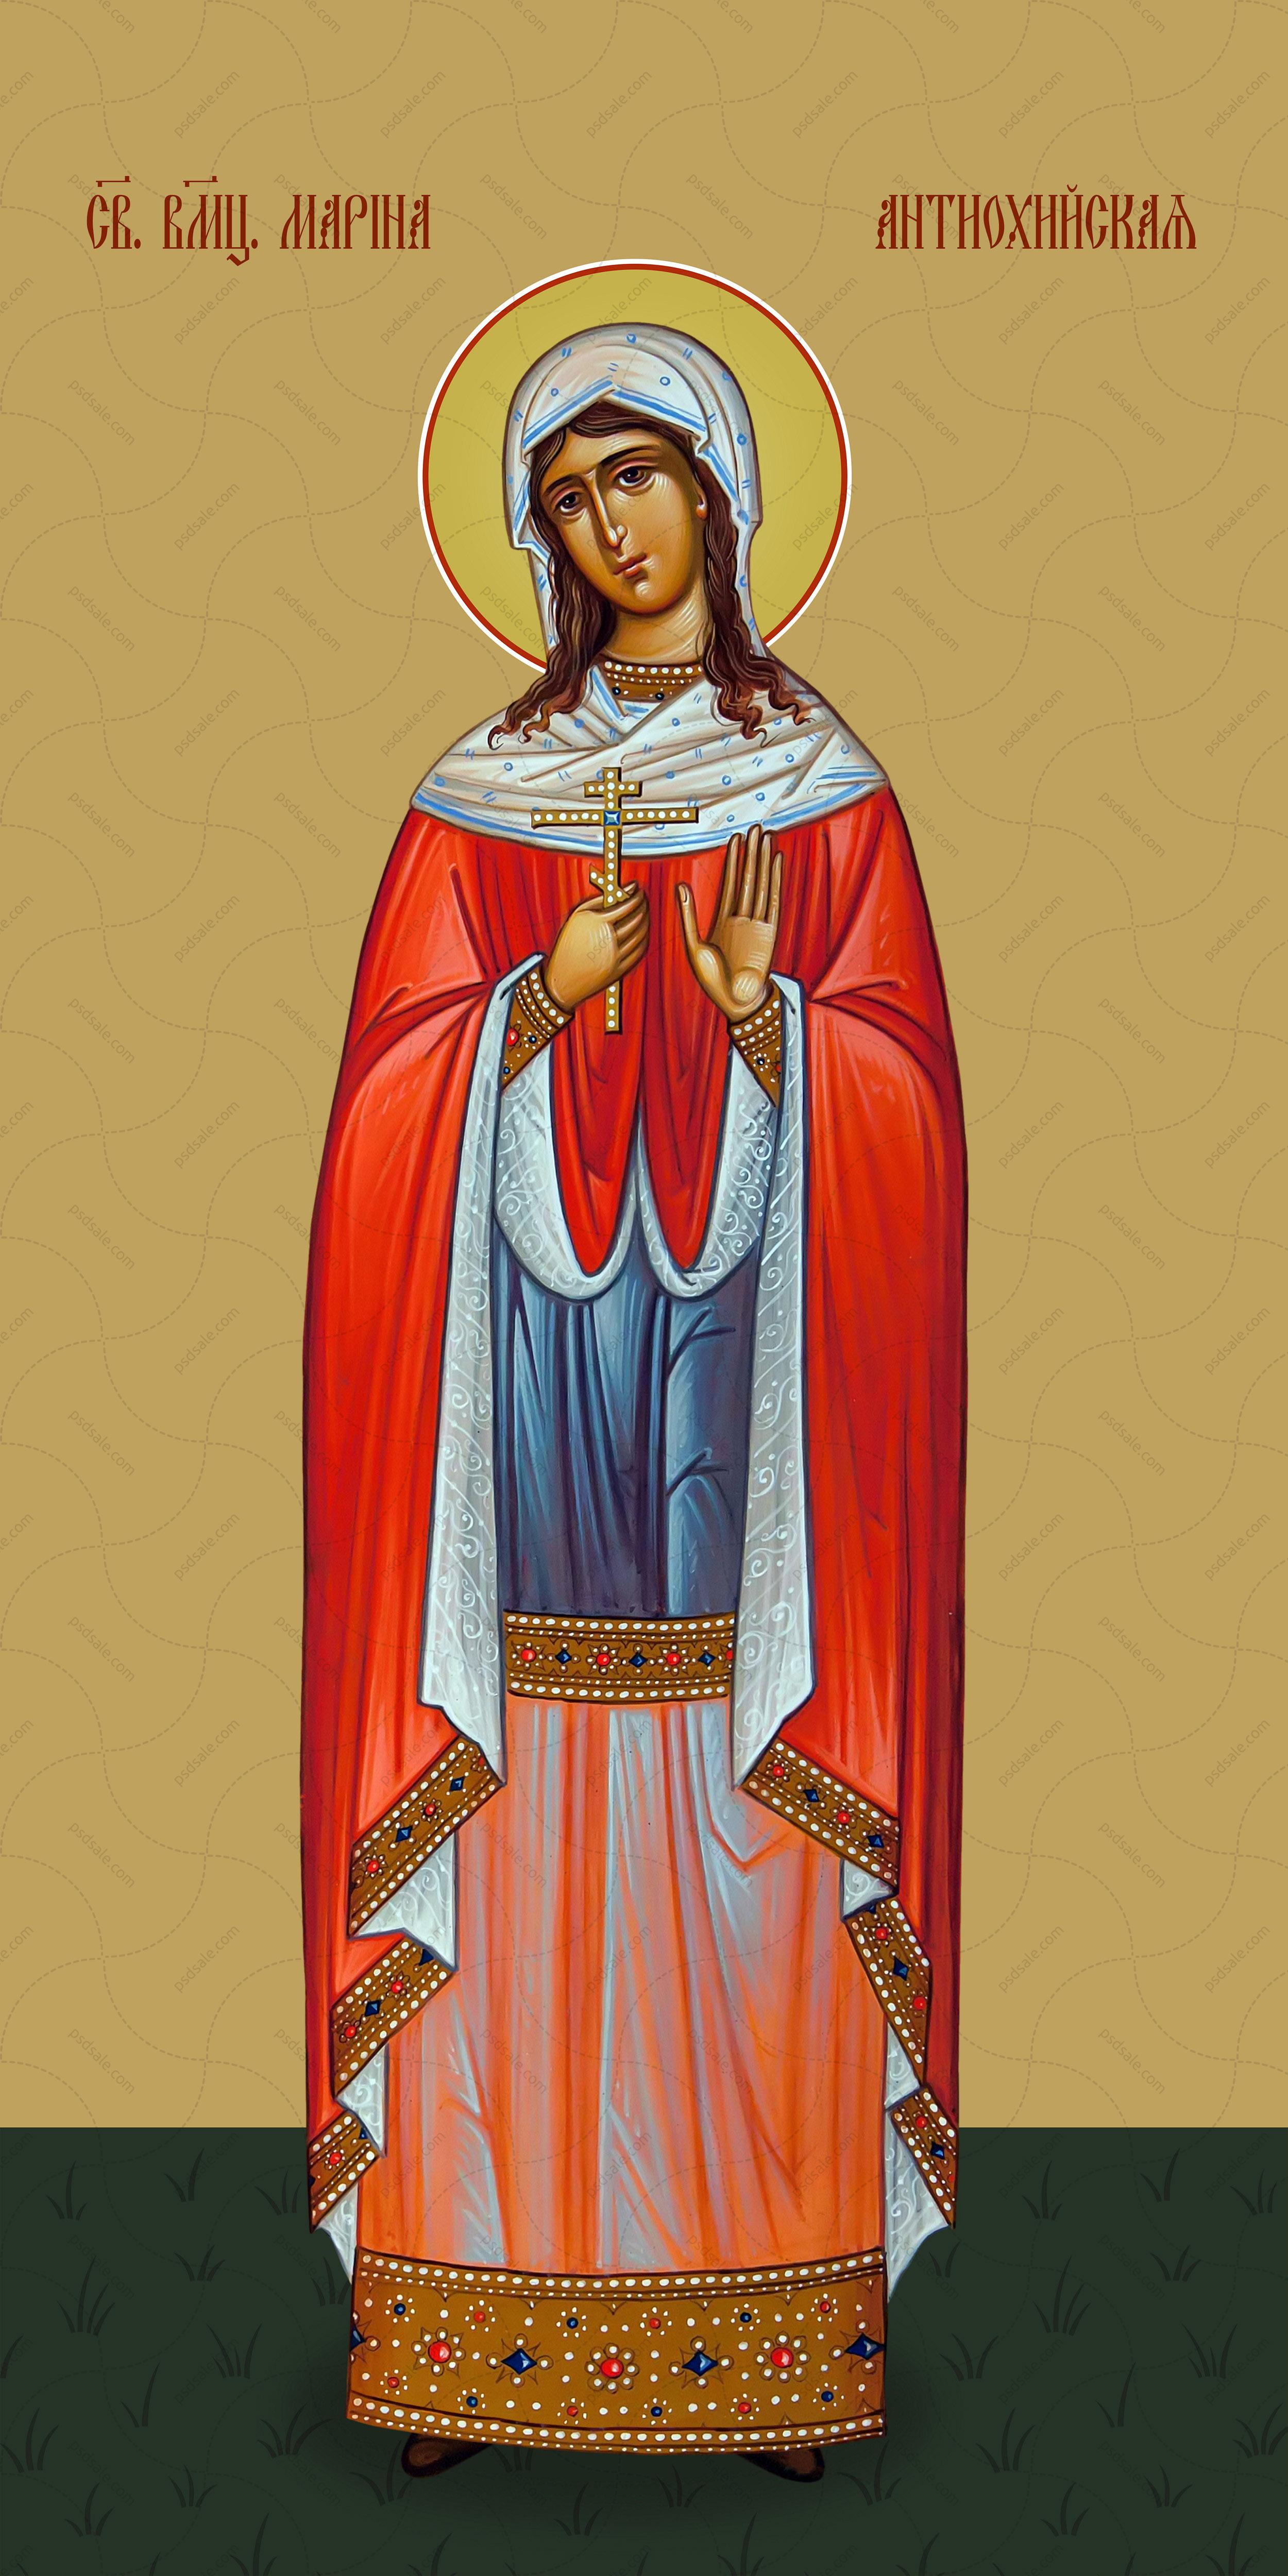 Мерная икона, Марина (Маргарита) Антиохийская, святая